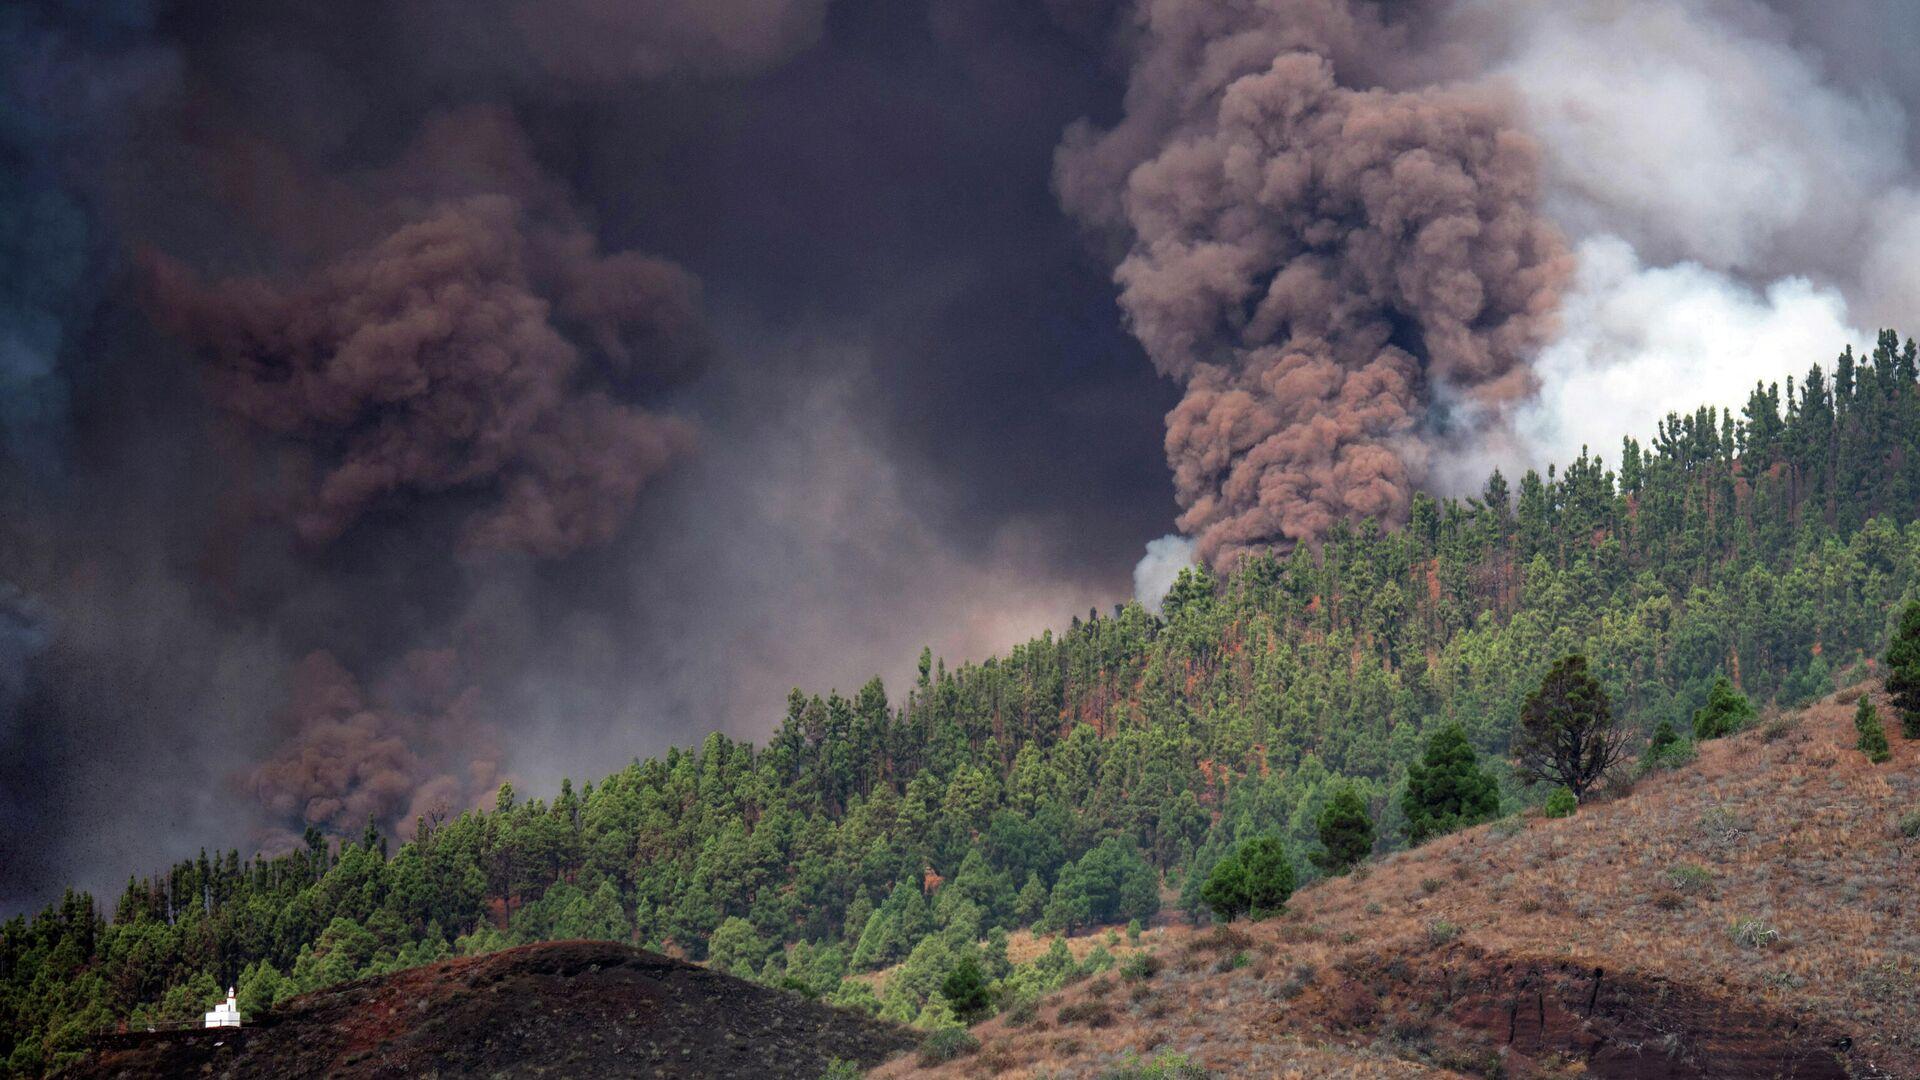 Vulkanausbruch auf Kanareninsel La Palma am 19. September - SNA, 1920, 19.09.2021